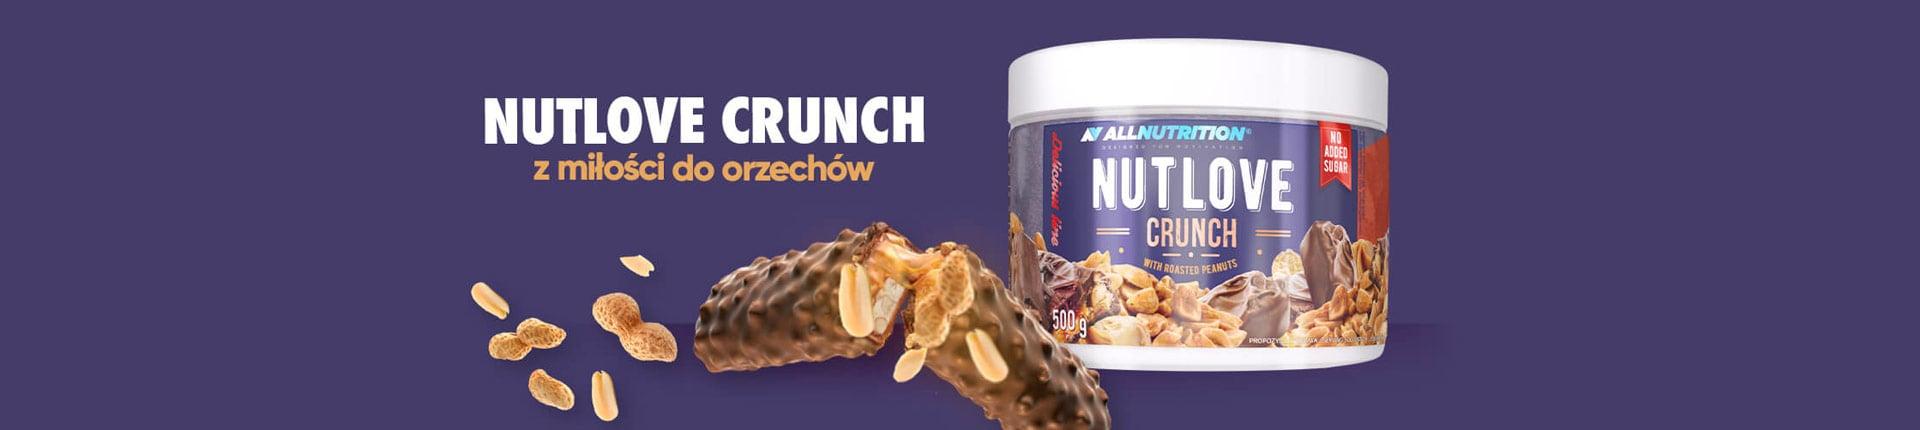 NutLOVE - krem mleczno-czekoladowy z dodatkiem prażonych orzechów ziemnych